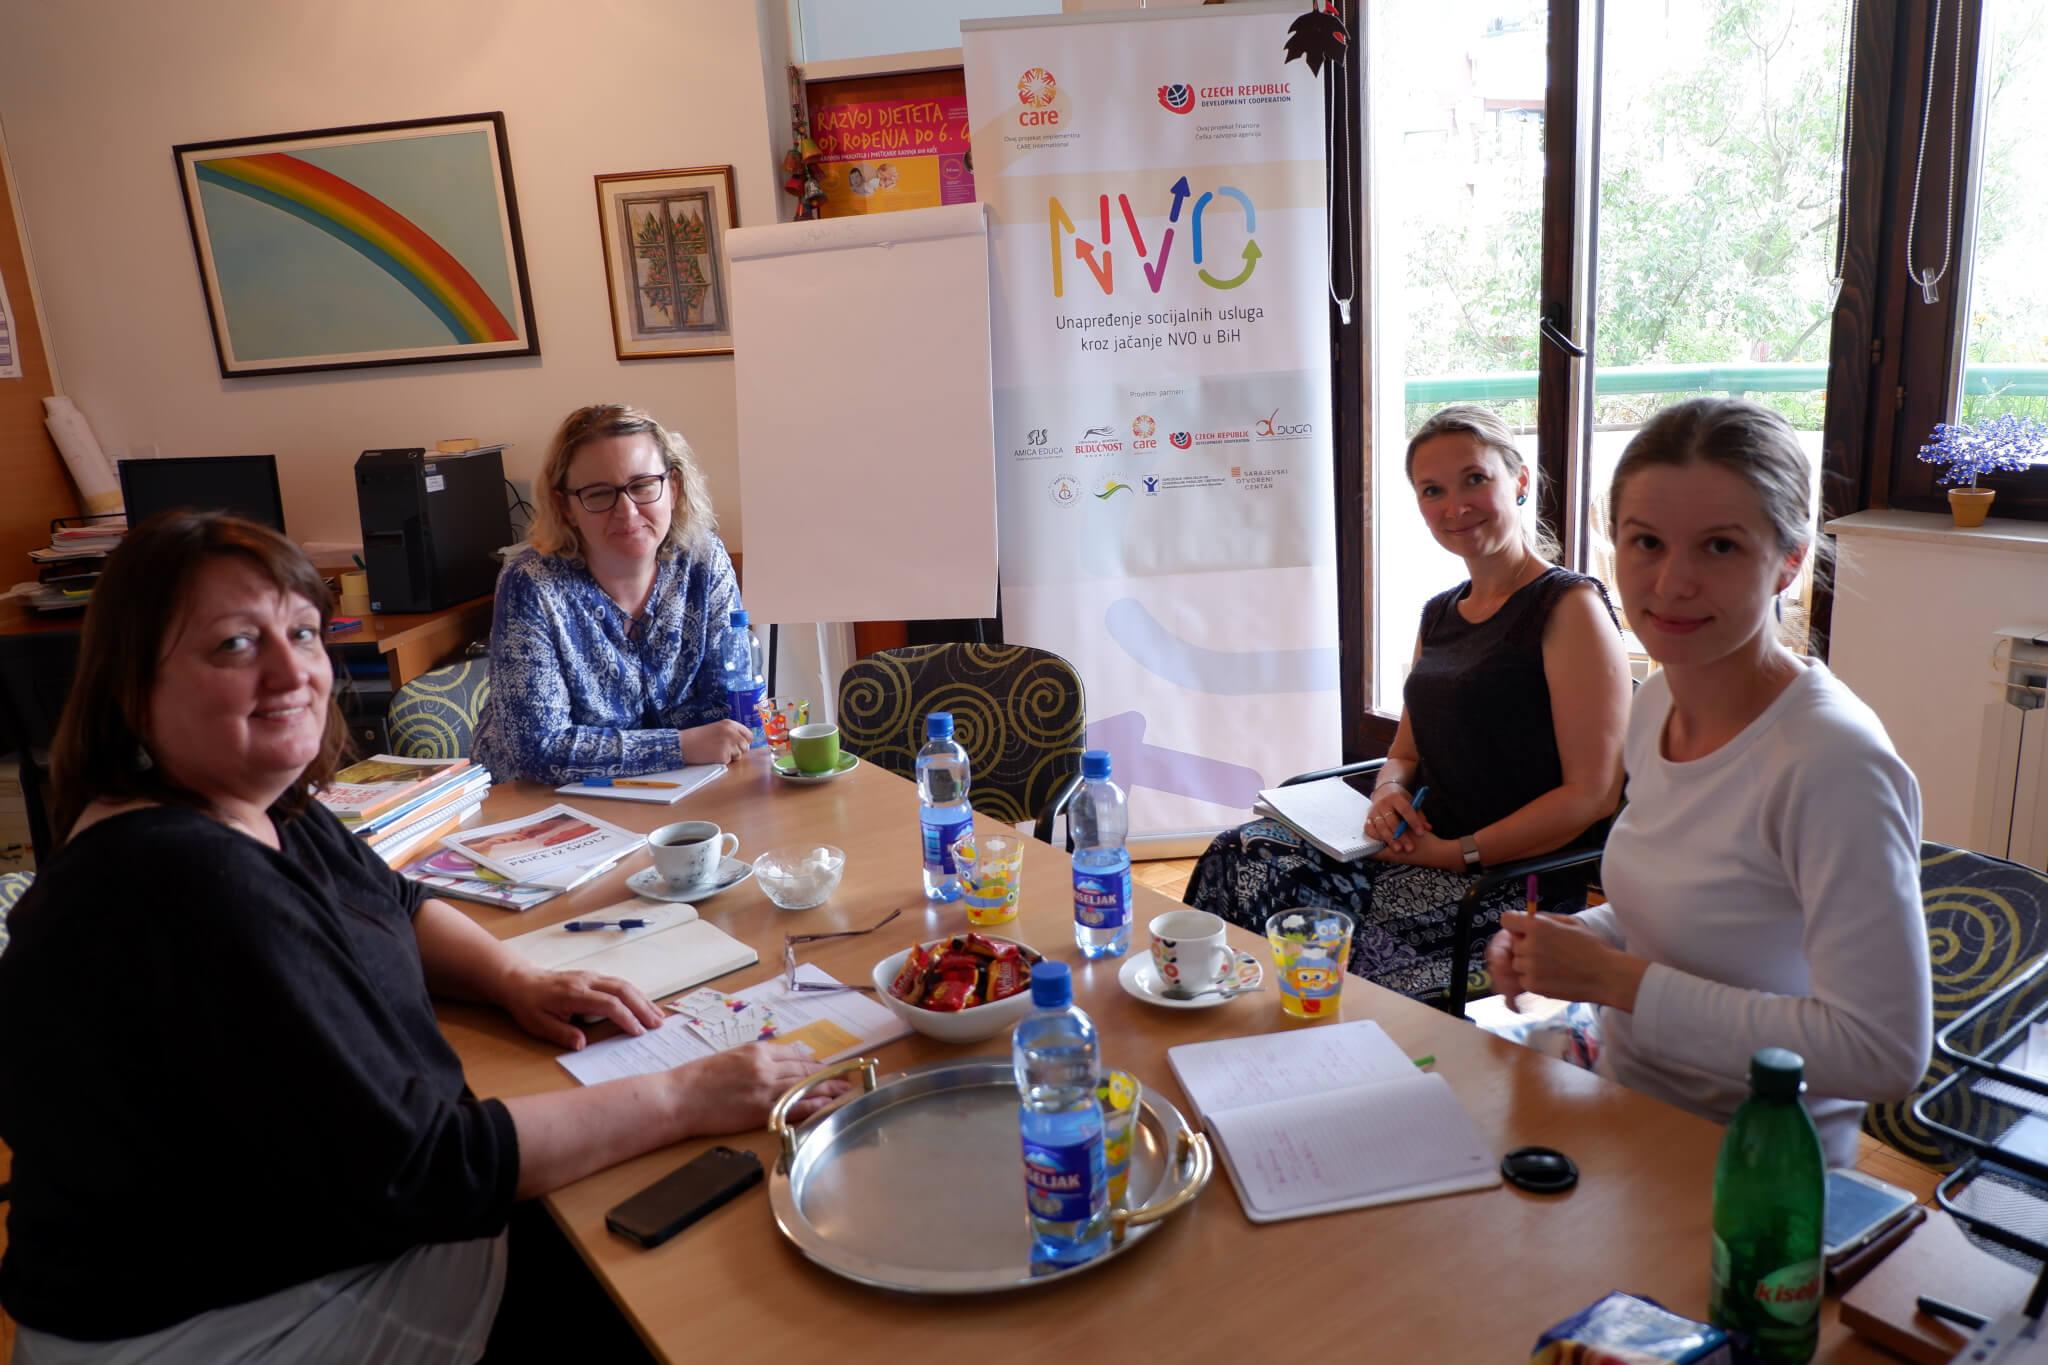 Bosna a Hercegovina: Lepší sociální ochrana skrze posílení kapacit neziskových organizací